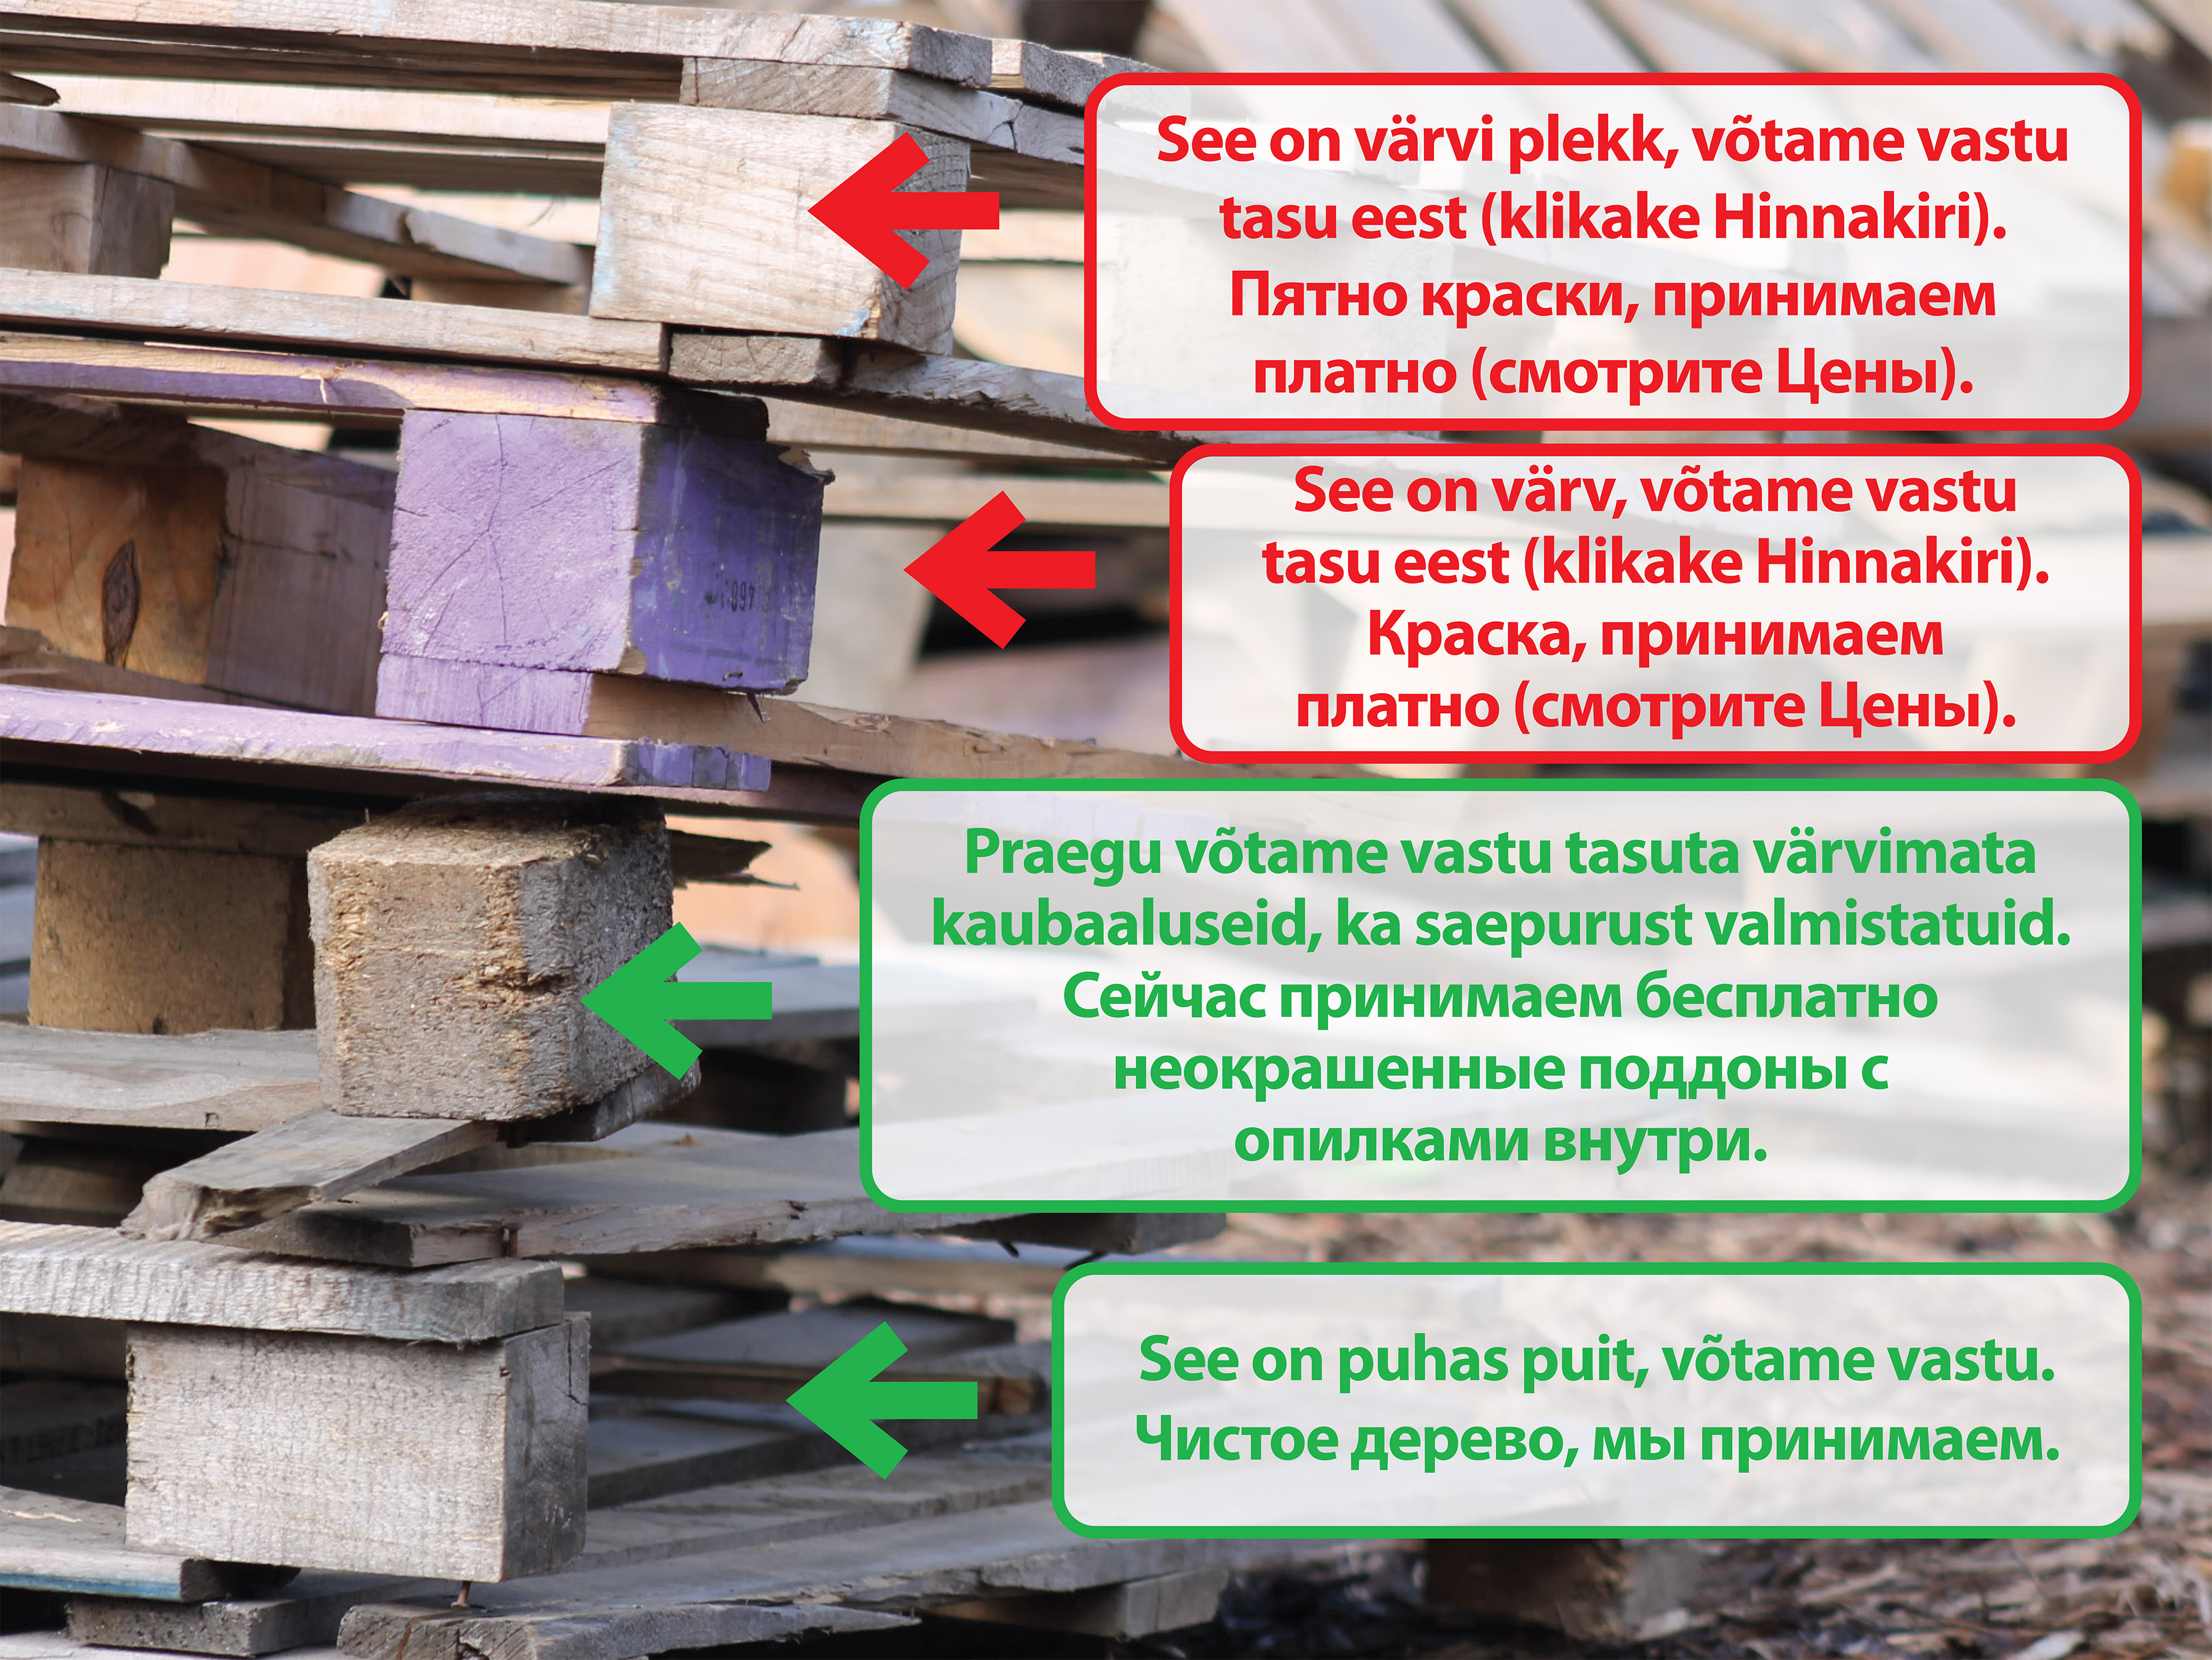 c0fd4ea5dce - Jäätmejaam Tallinnas. Tasuta puidujäätmete vastuvõtt. Kuhu viia oksad  Tallinnas